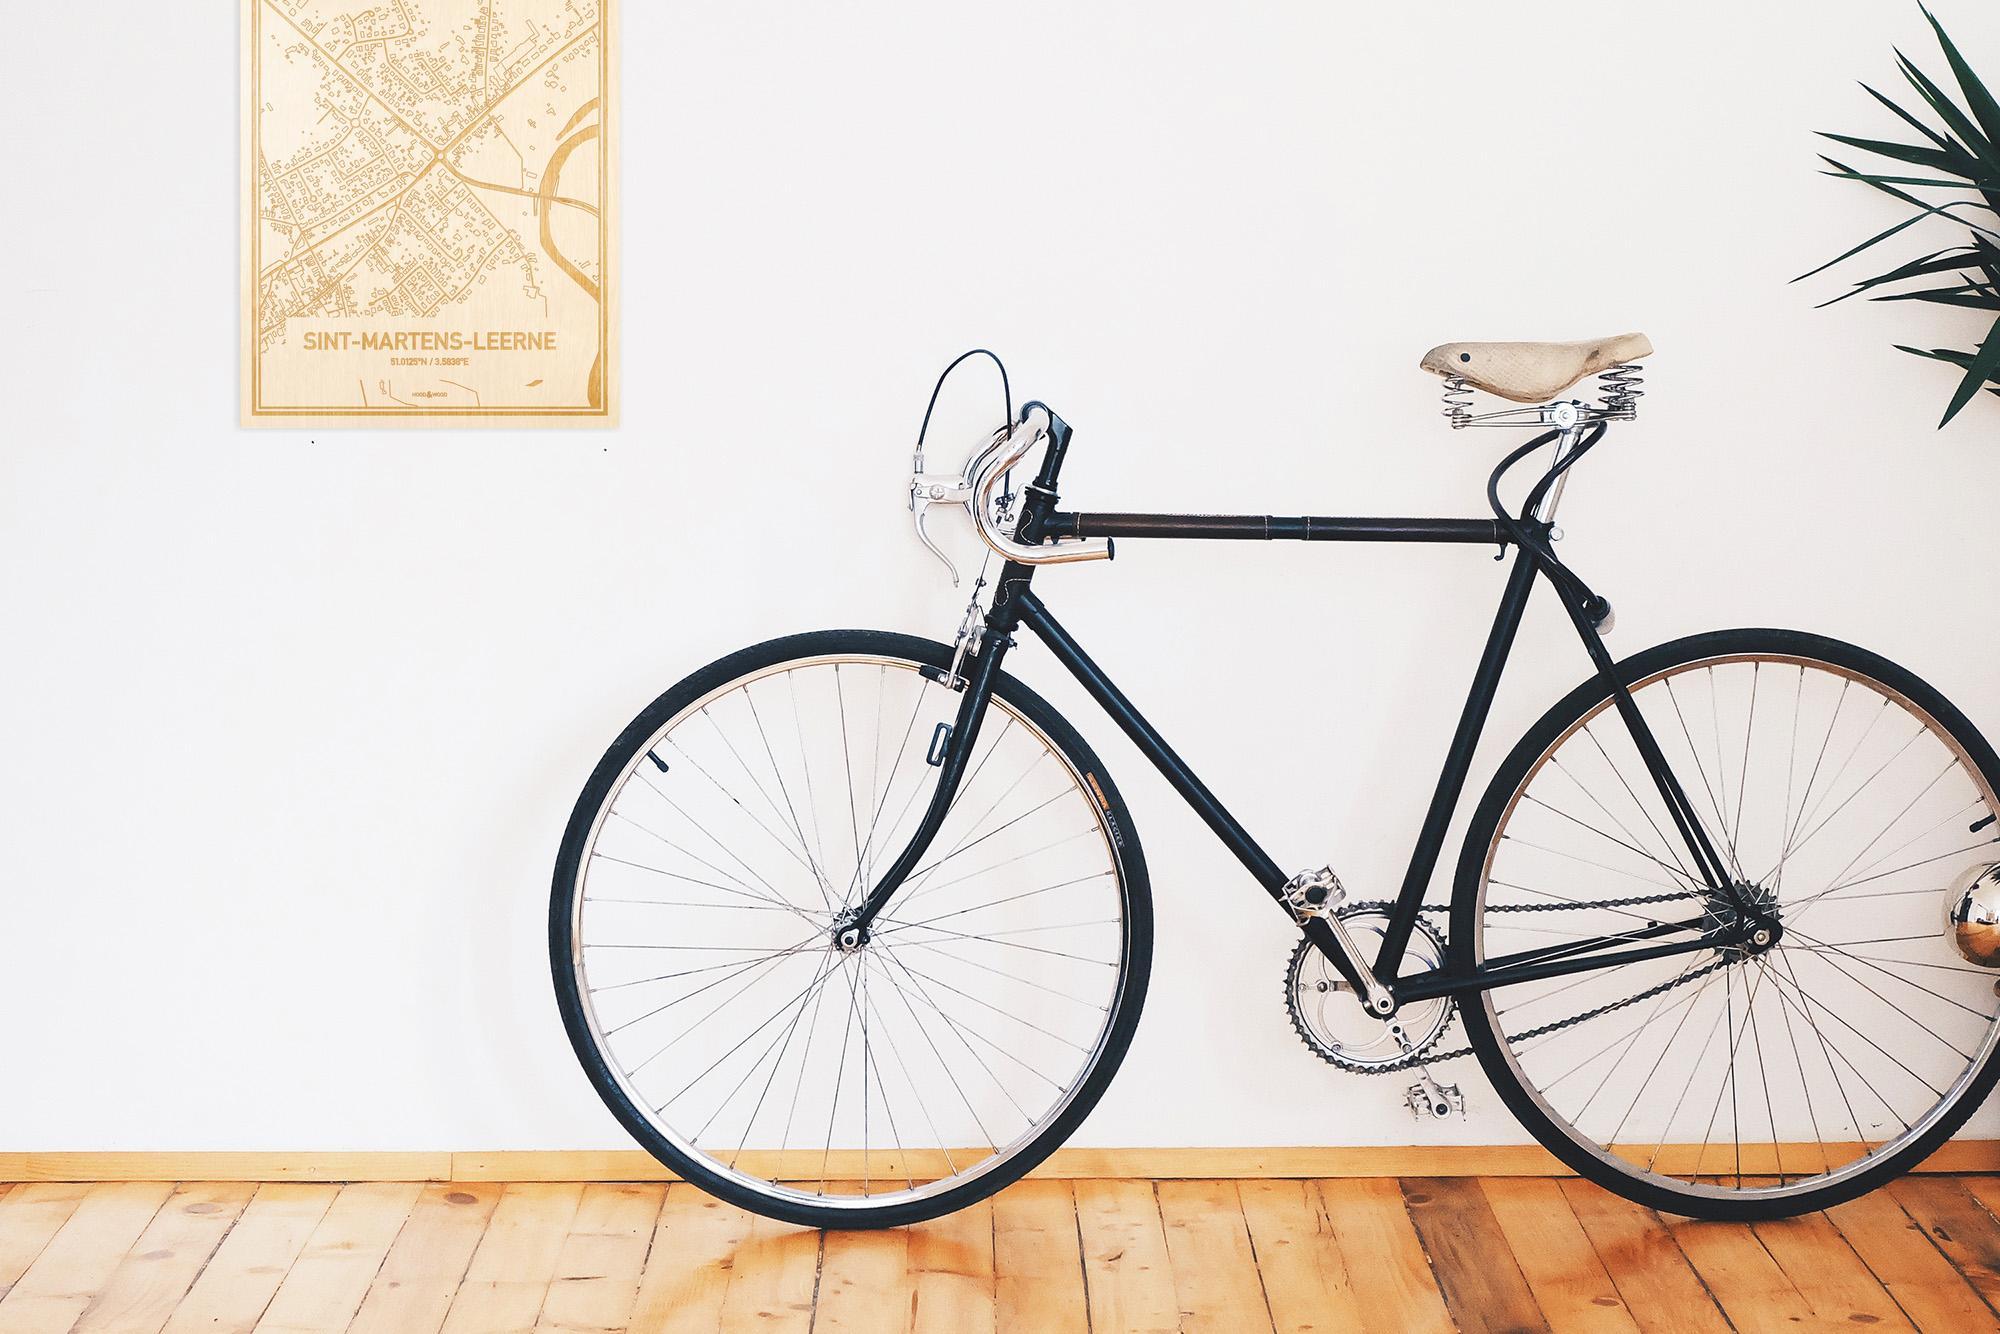 Een snelle fiets in een uniek interieur in Oost-Vlaanderen  met mooie decoratie zoals de plattegrond Sint-Martens-Leerne.